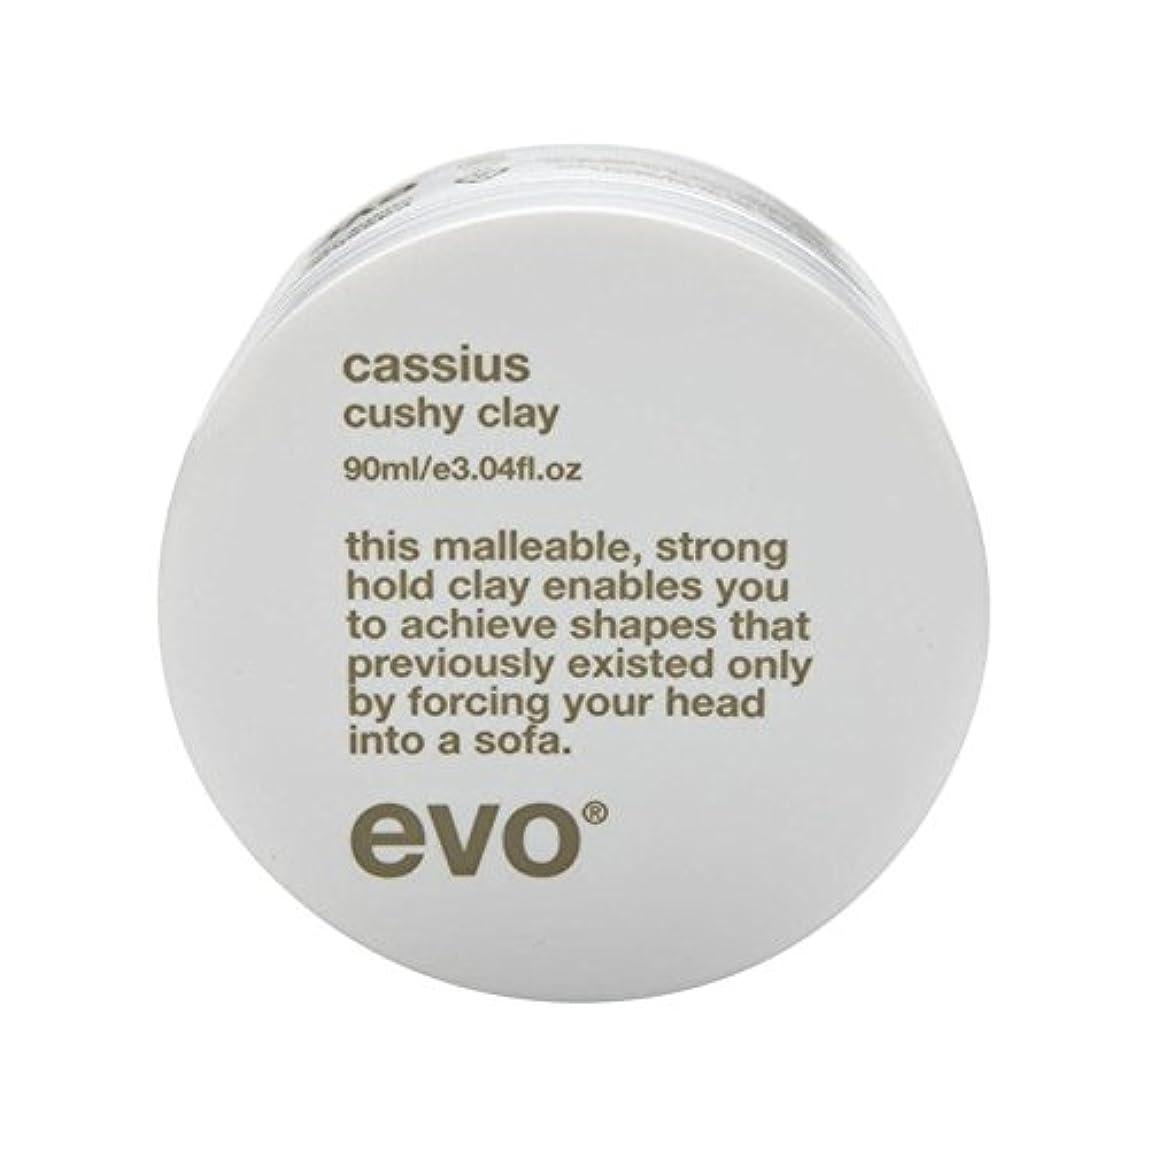 高価な不運ピークエボカシウス楽な粘土90グラム x2 - Evo Cassius Cushy Clay 90G (Pack of 2) [並行輸入品]